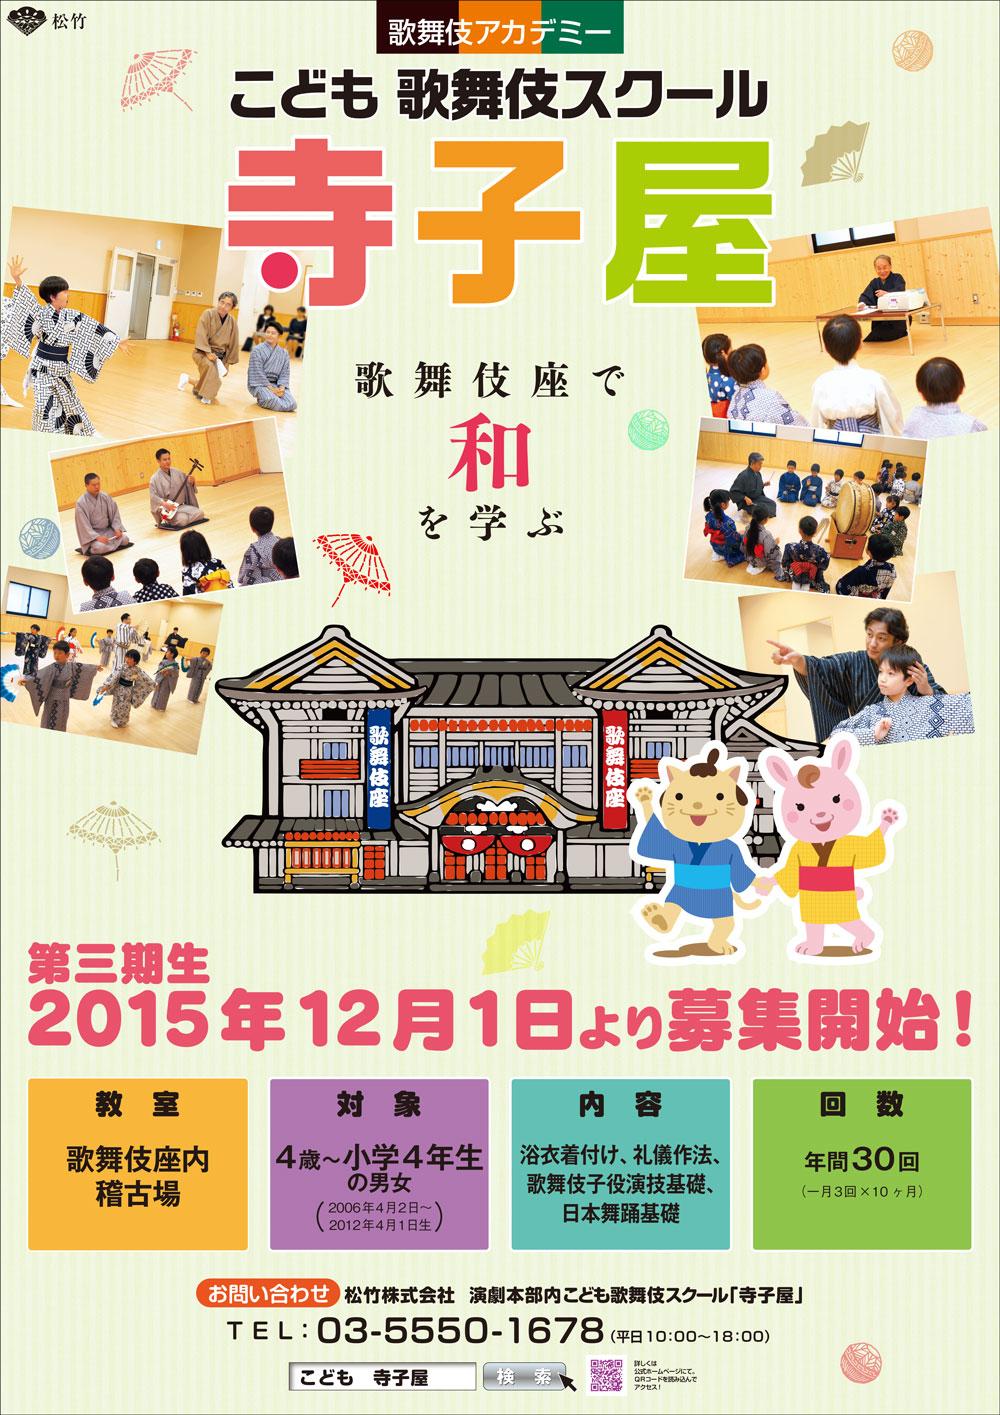 こども歌舞伎スクール「寺子屋」第三期生募集要項発表|歌舞伎美人